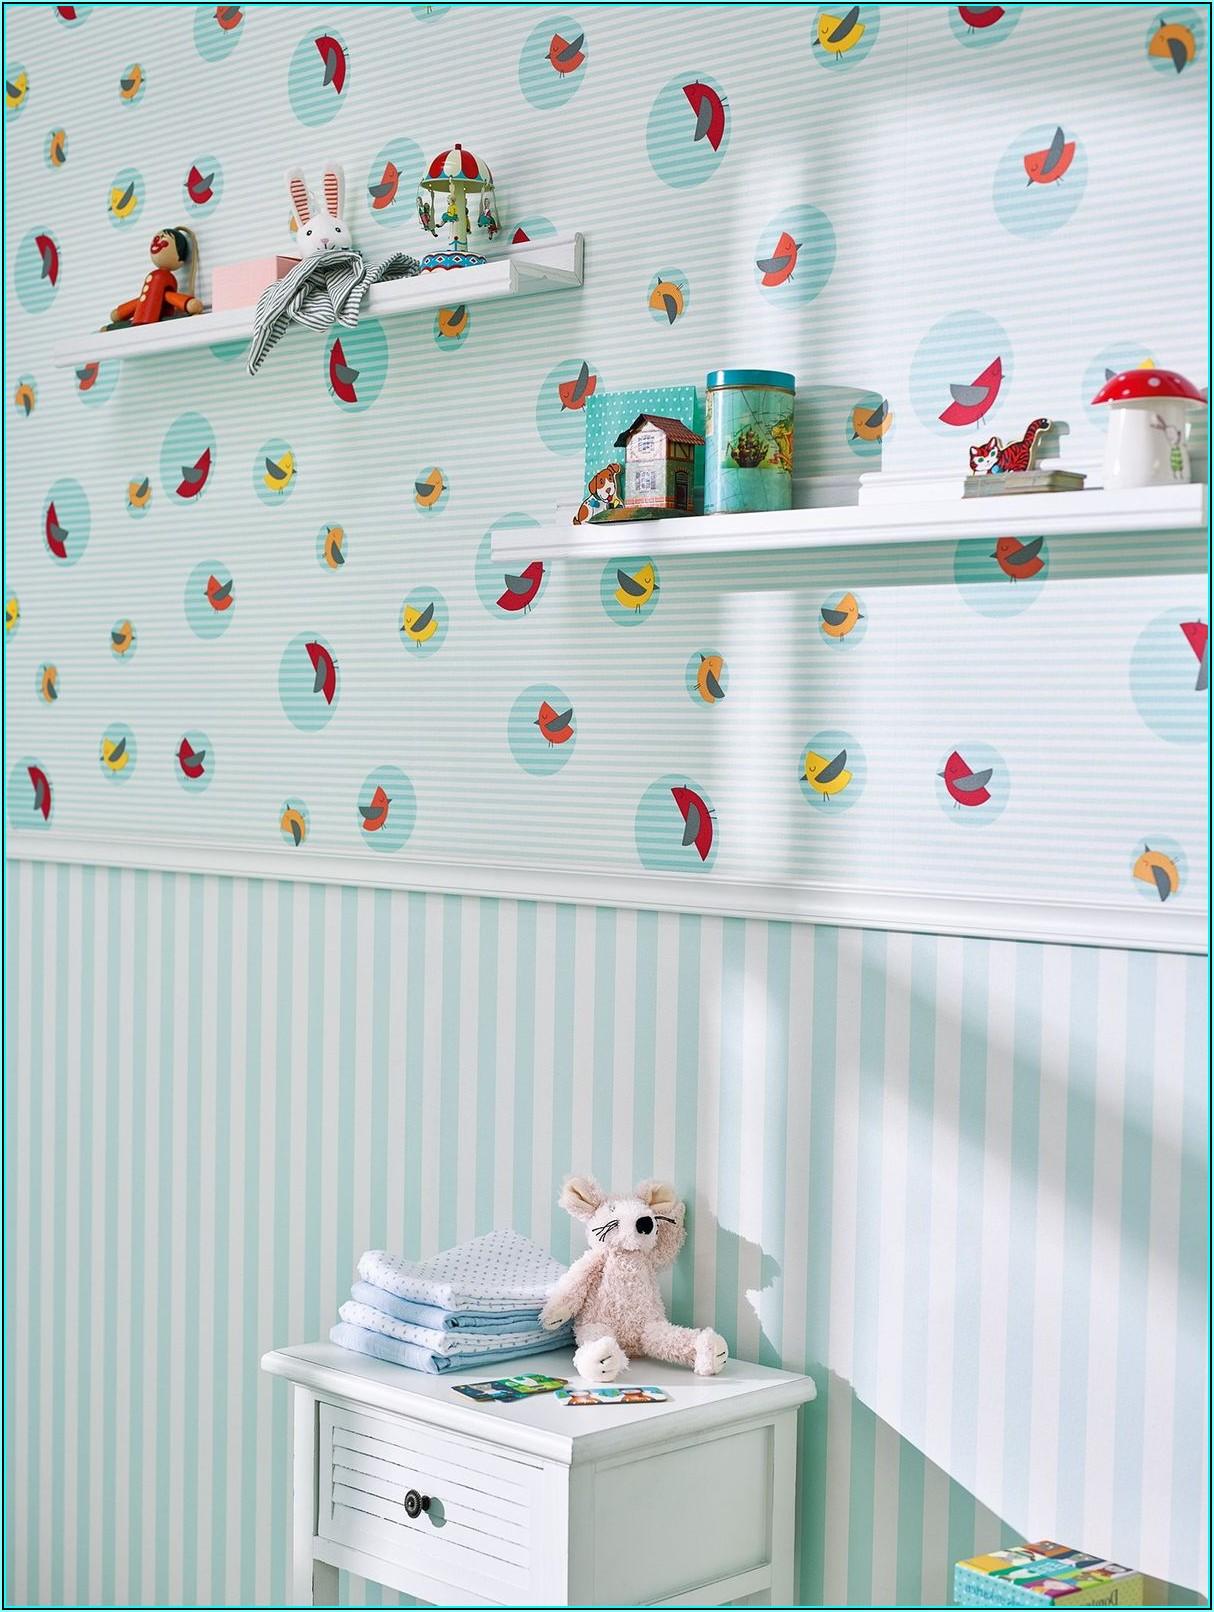 Tapete Kinderzimmer Junge Esprit